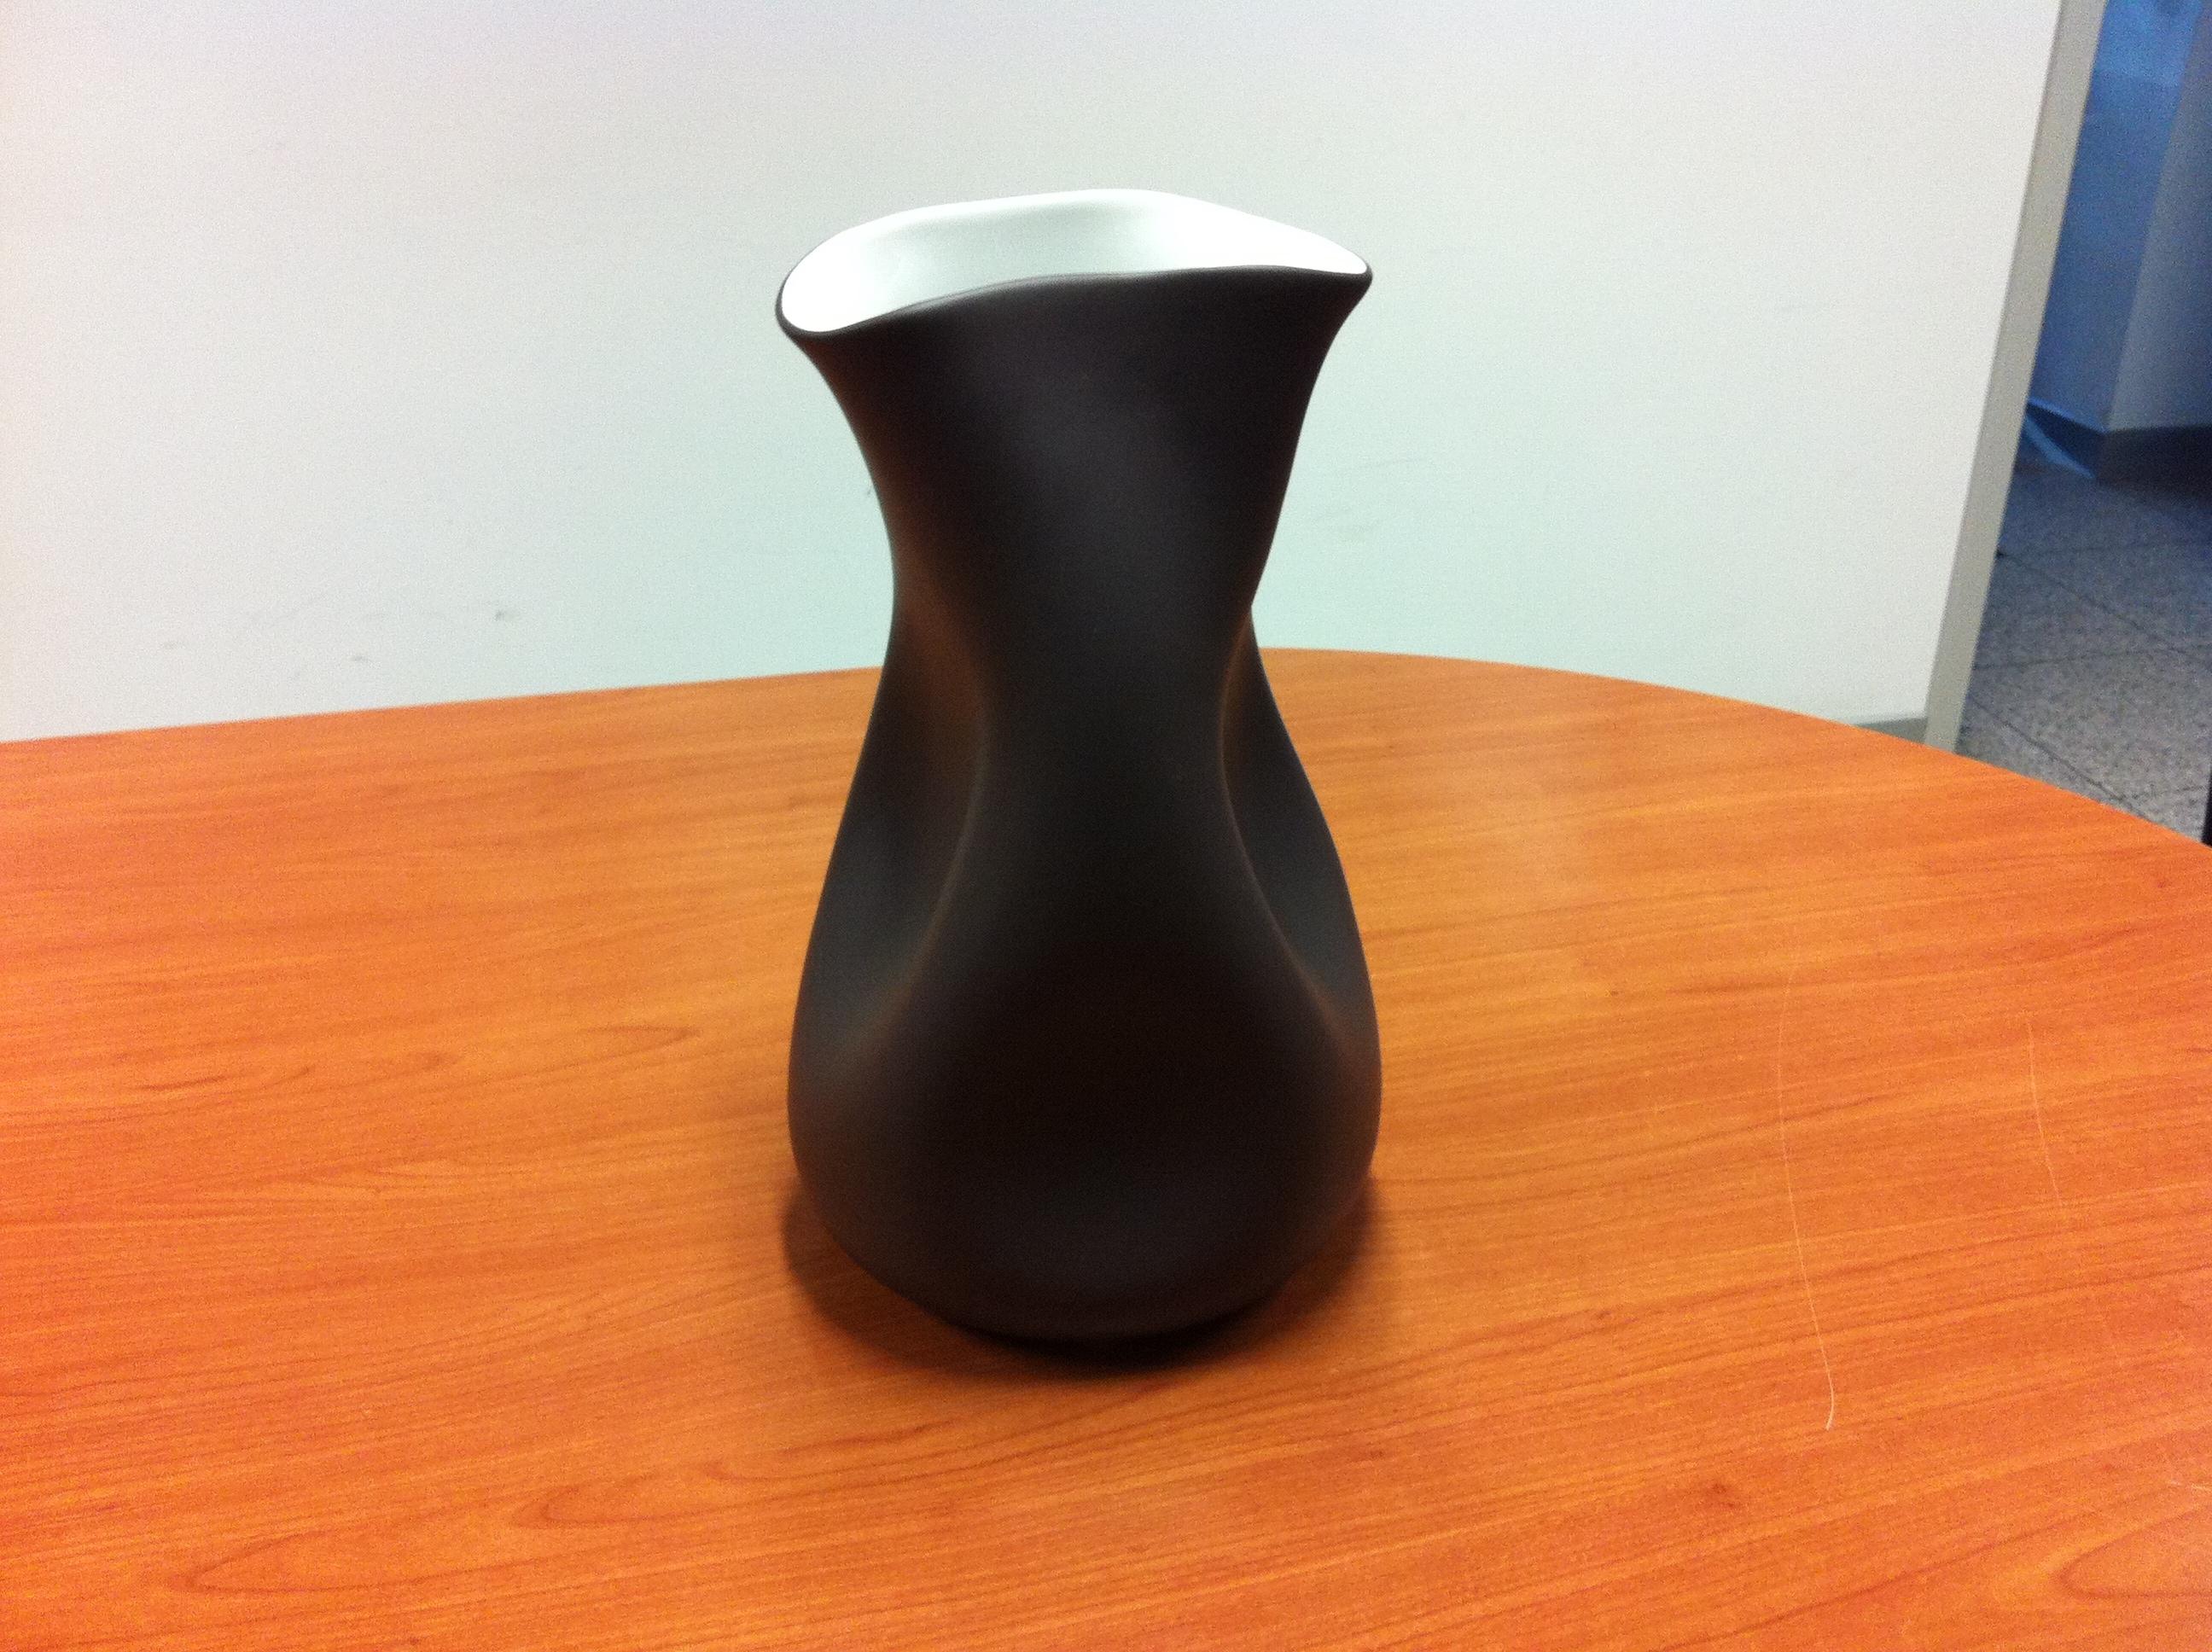 Vasi design complementi a prezzi scontati for Vasi design interno